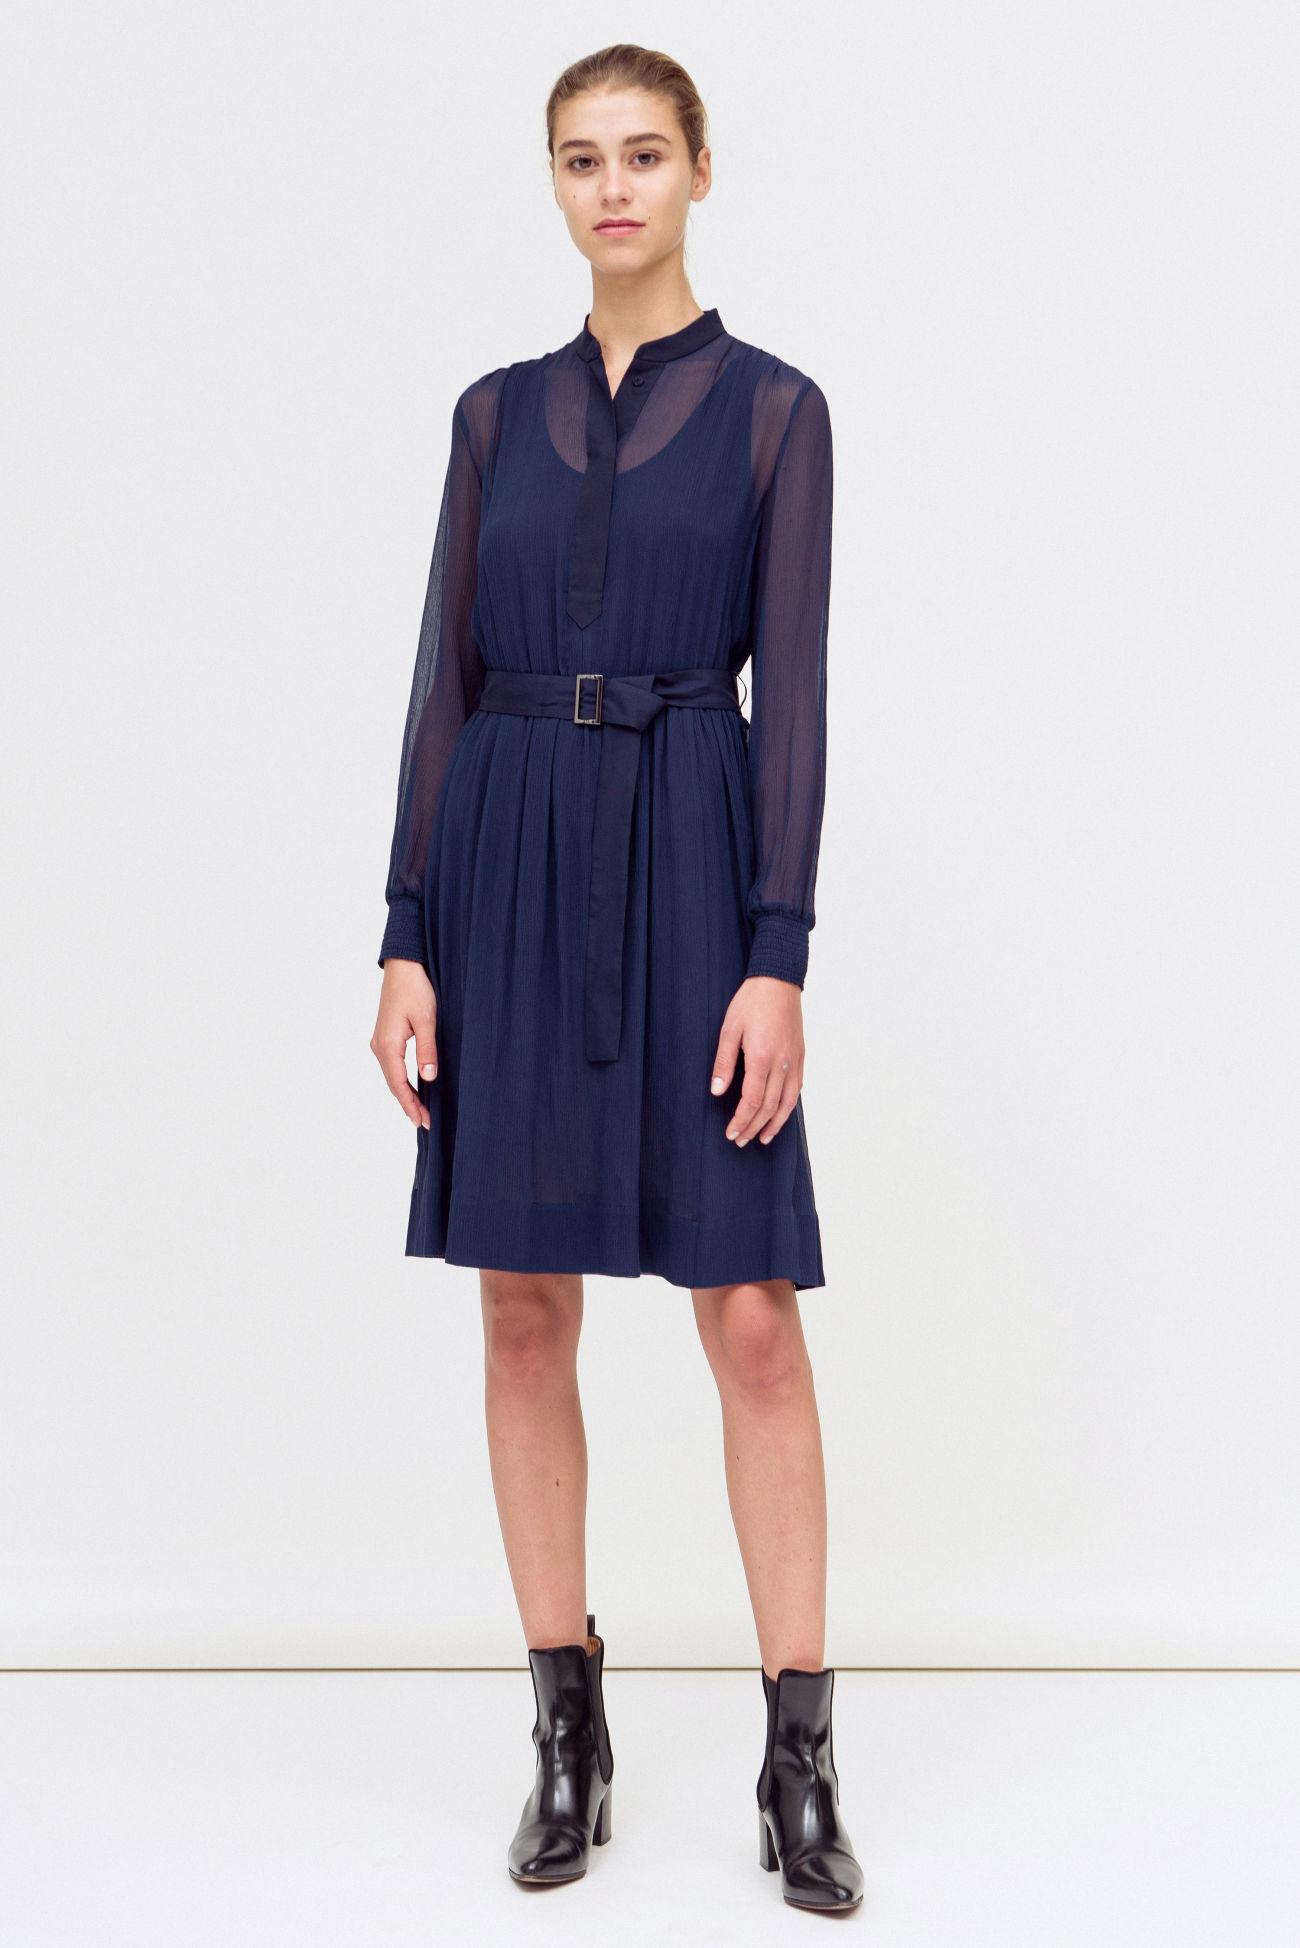 Dress with waist belt